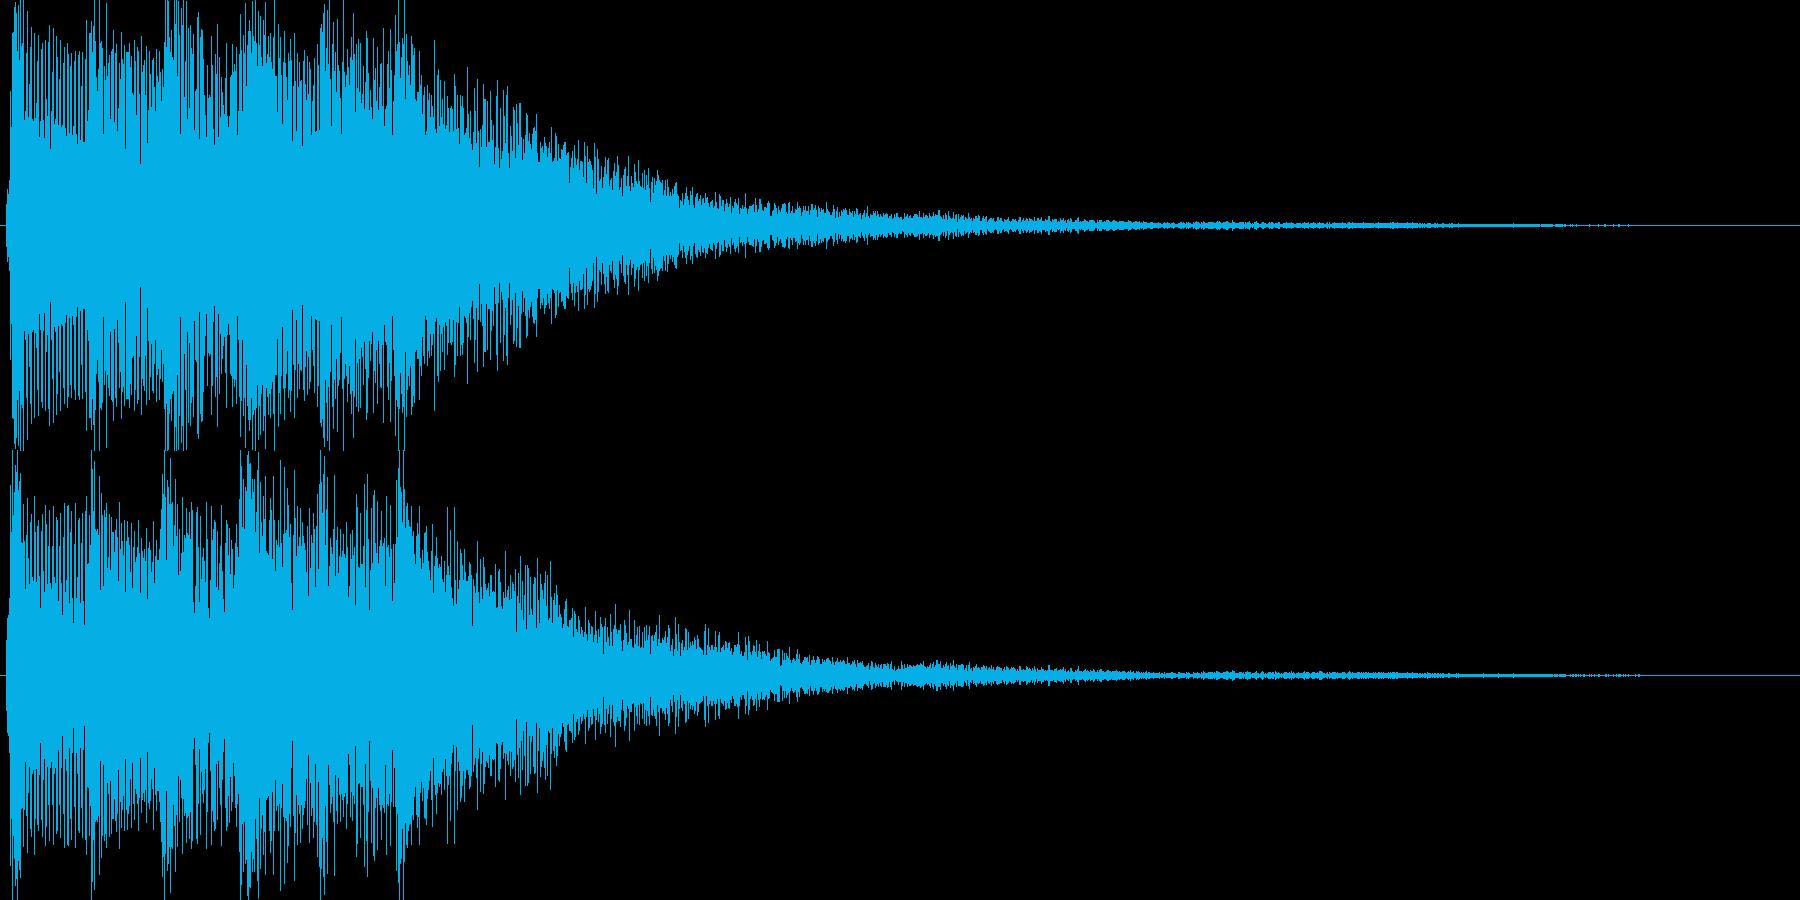 ゲーム(セーブ、レアアイテム入手)などにの再生済みの波形